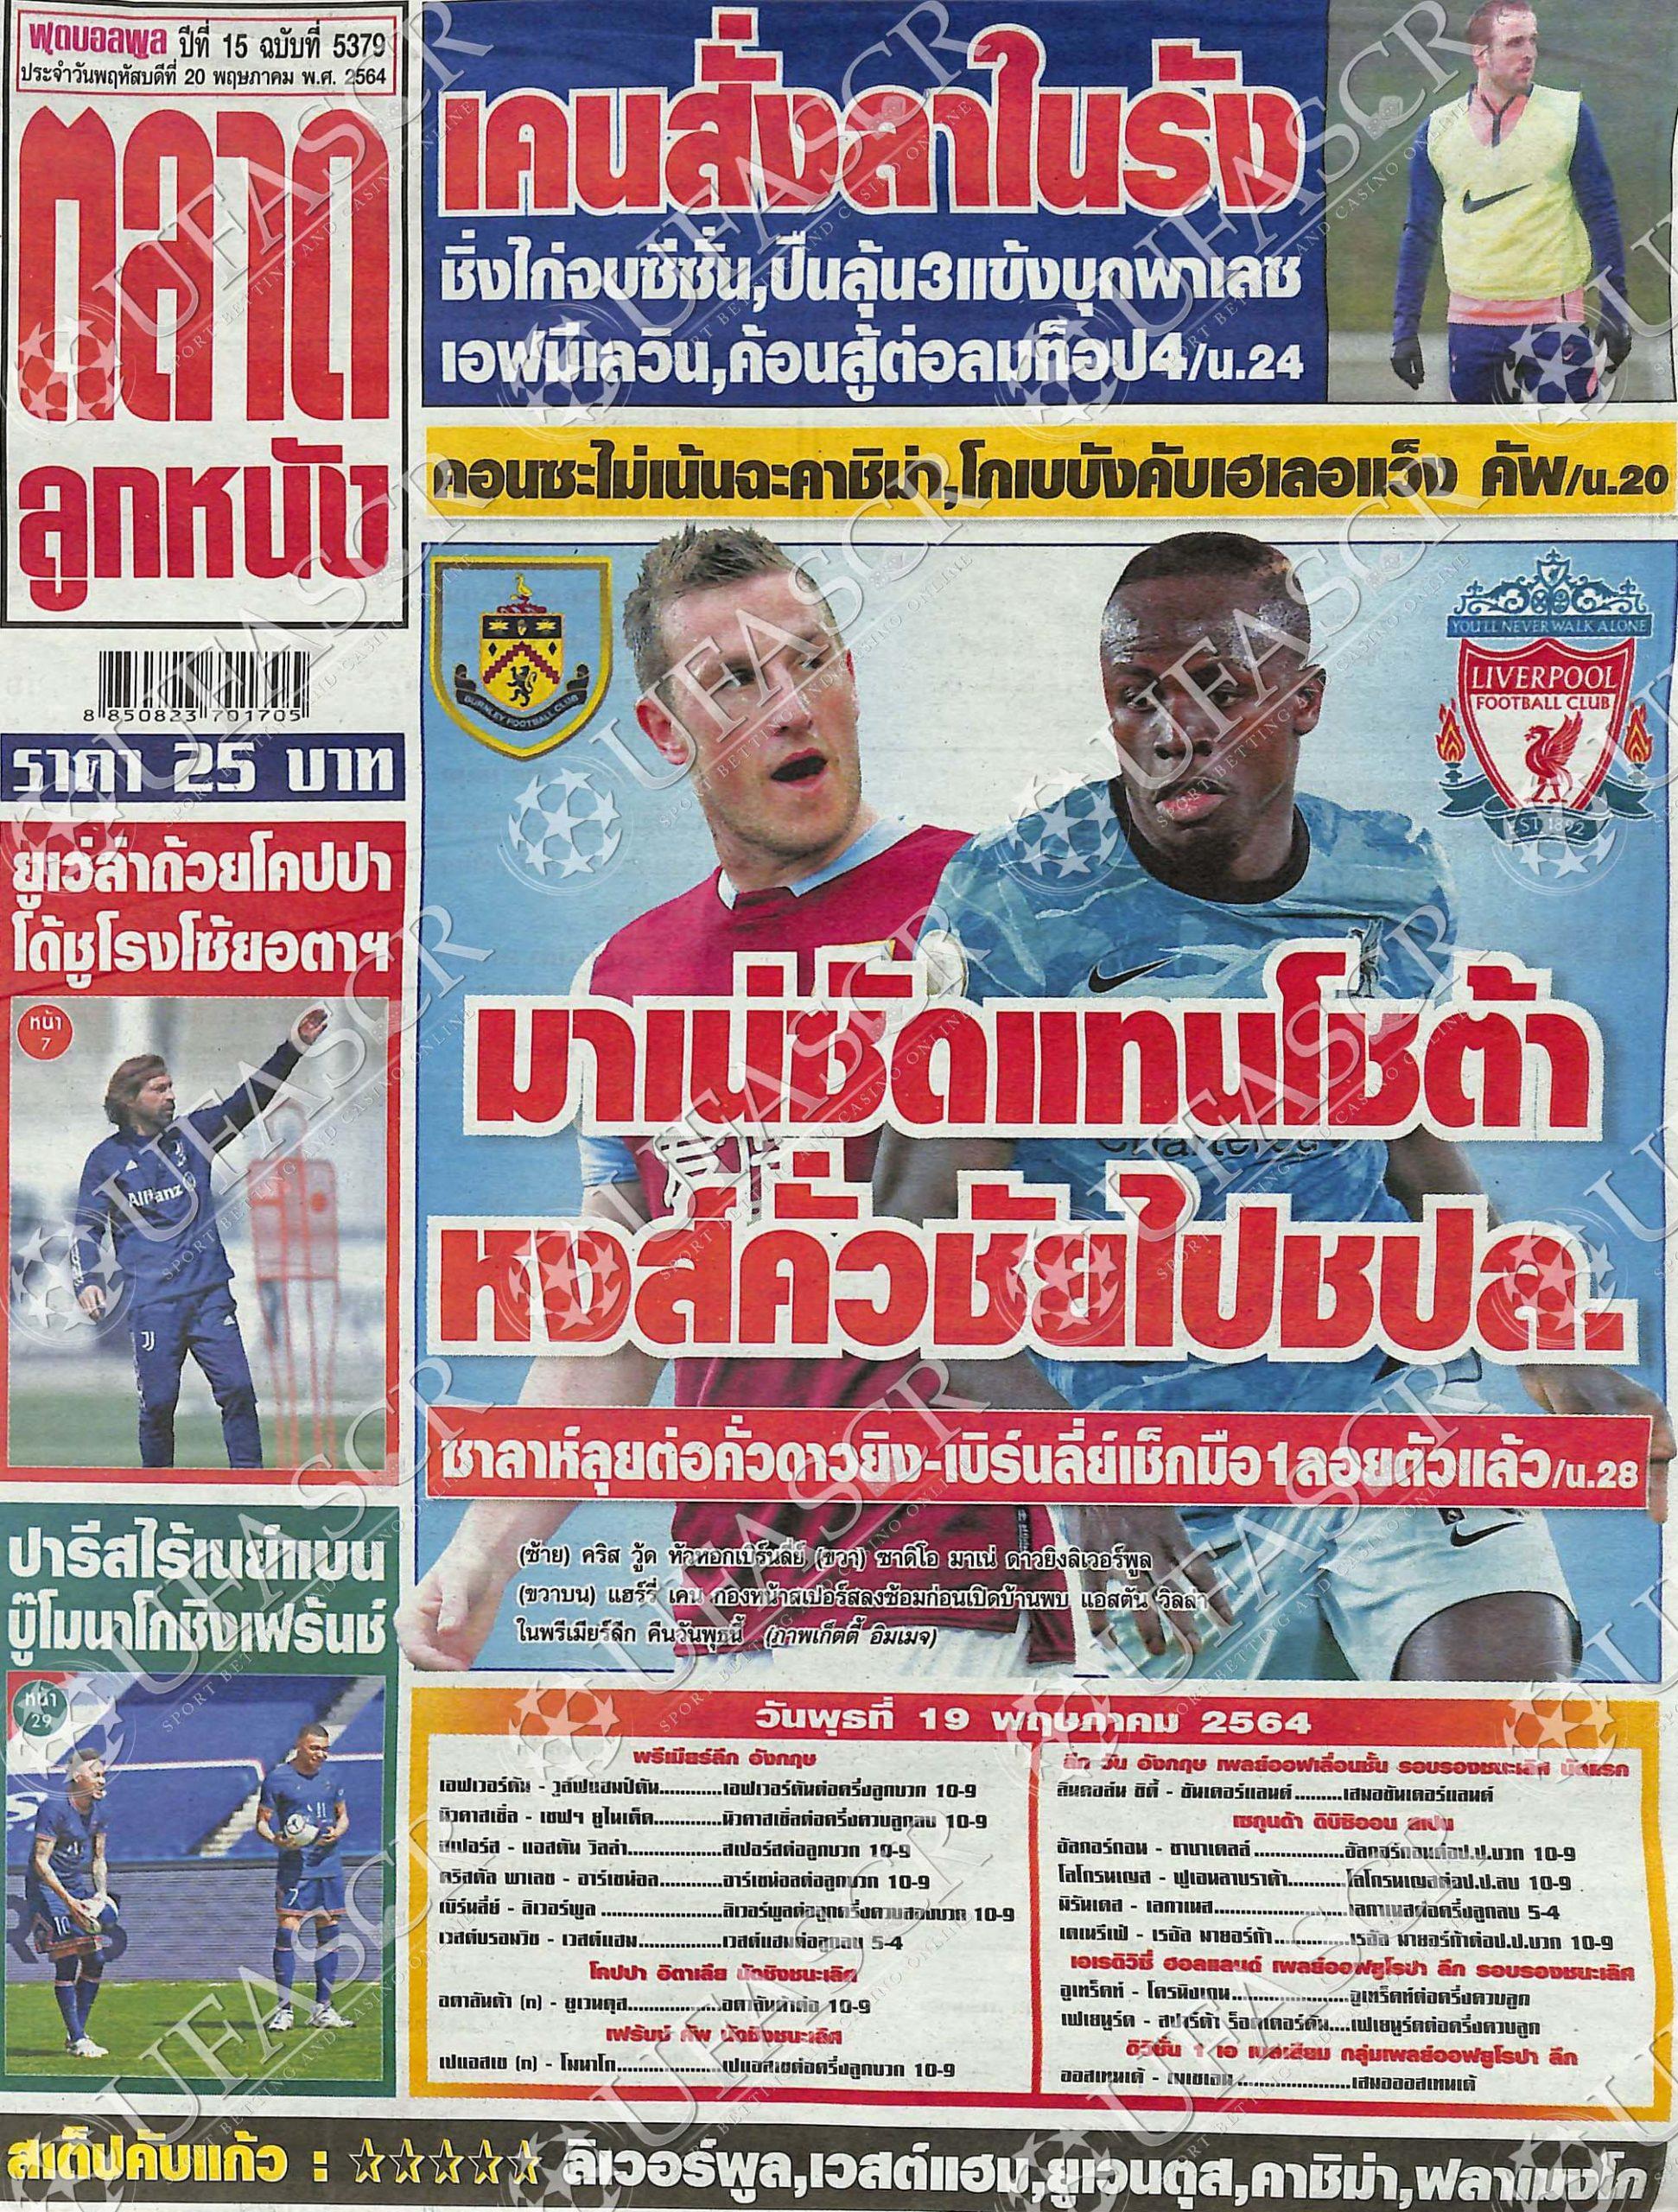 หนังสือพิมพ์กีฬา ตลาดลูกหนัง ประจำวันที่ 19/05/2021